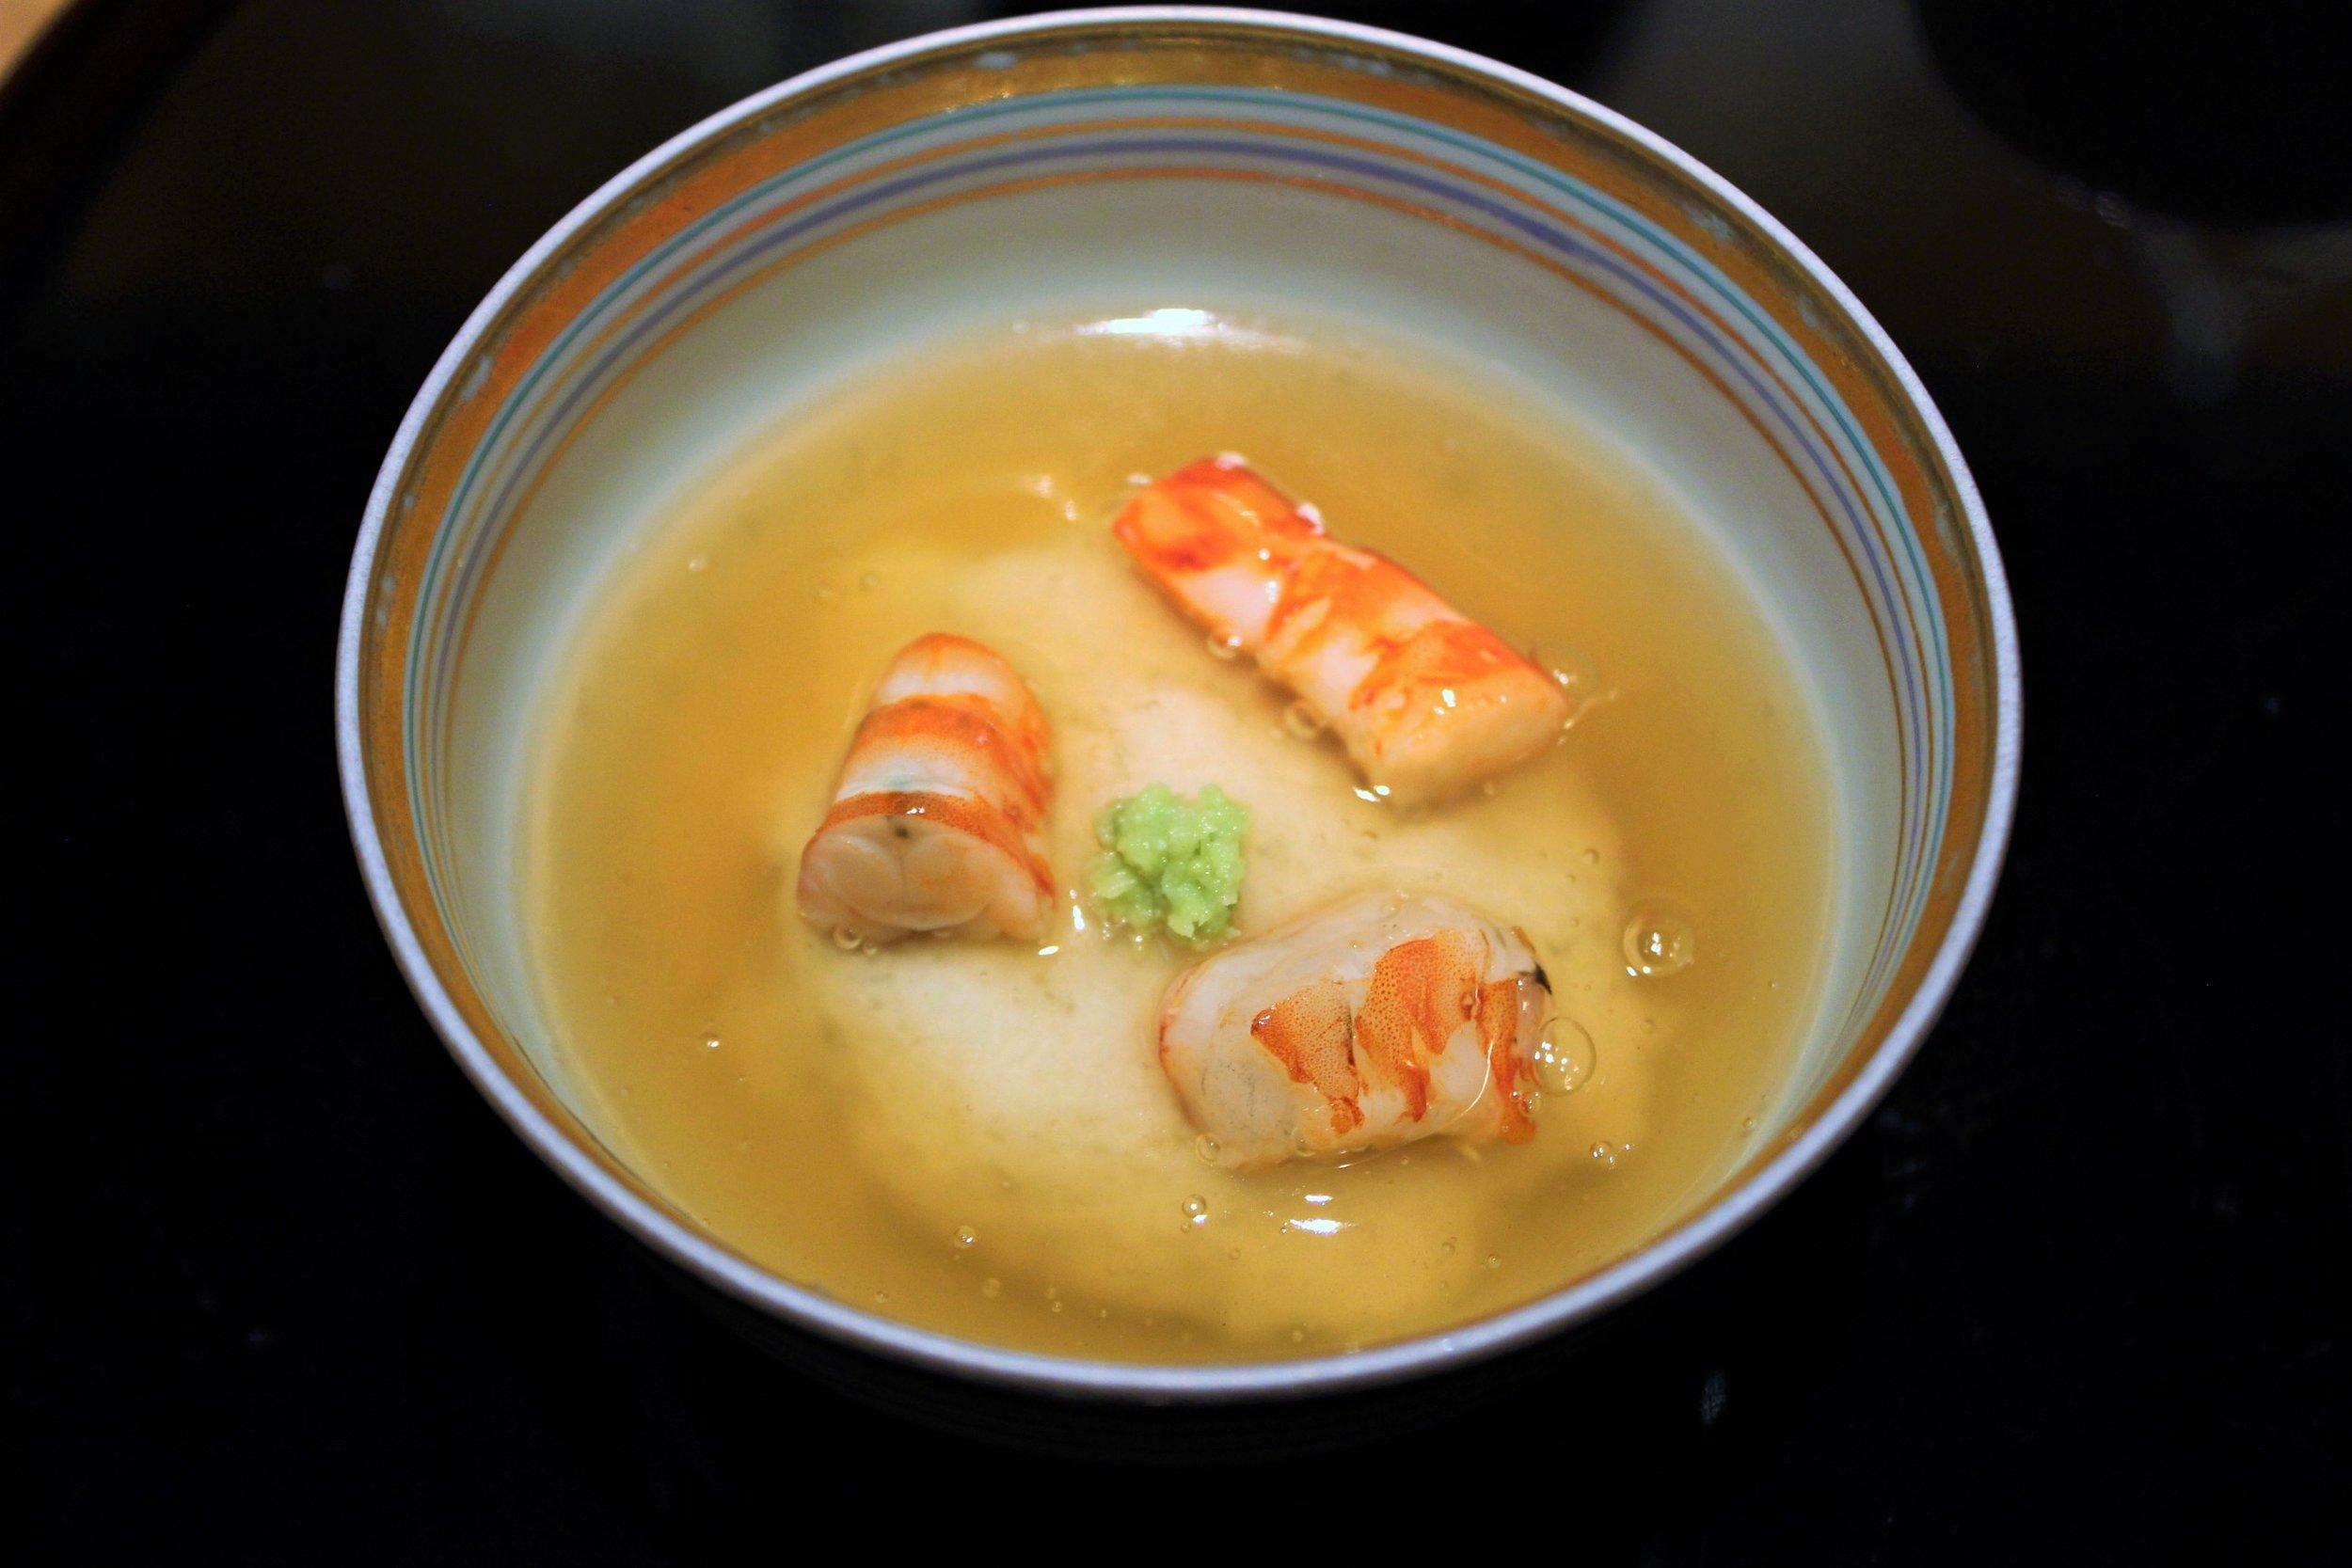 Shrimp, Turnip, Wasabi, and Gingko in Warm Dashi Jelly